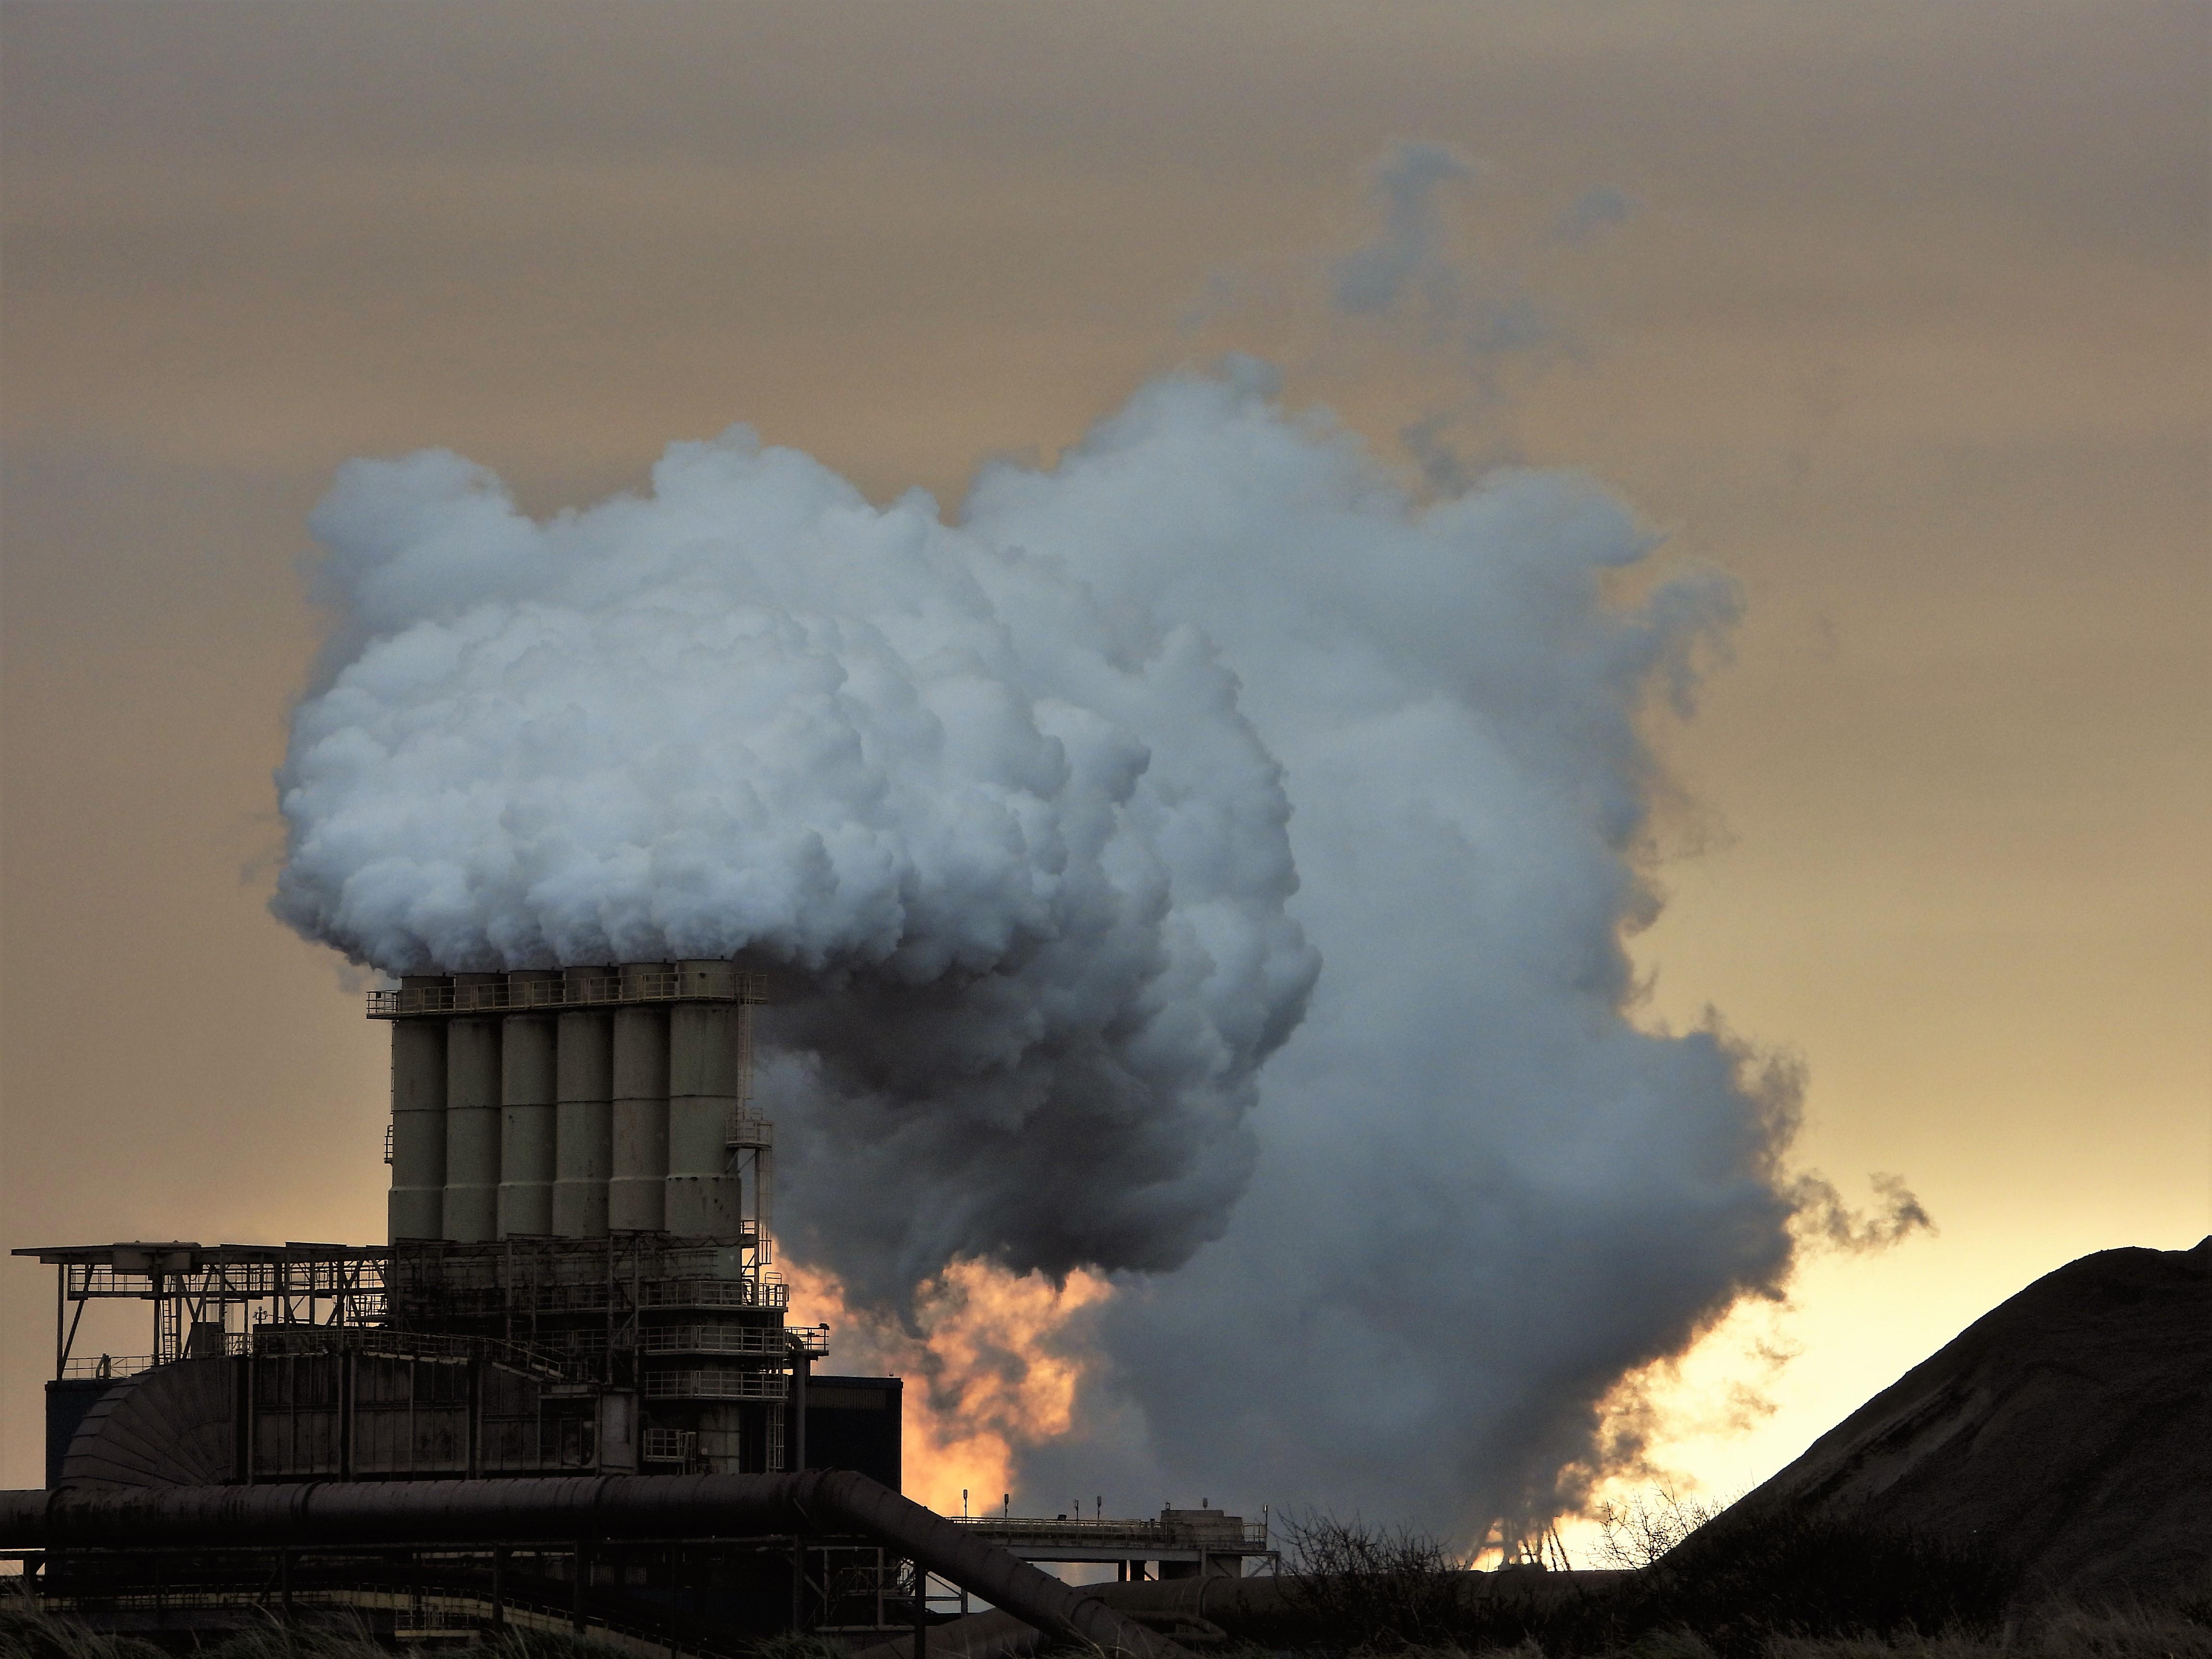 Hoorcommissie beslecht dispuut: Tata is compleet 'ISO-gecertificeerd' en overtreedt niet de omgevingsvergunning